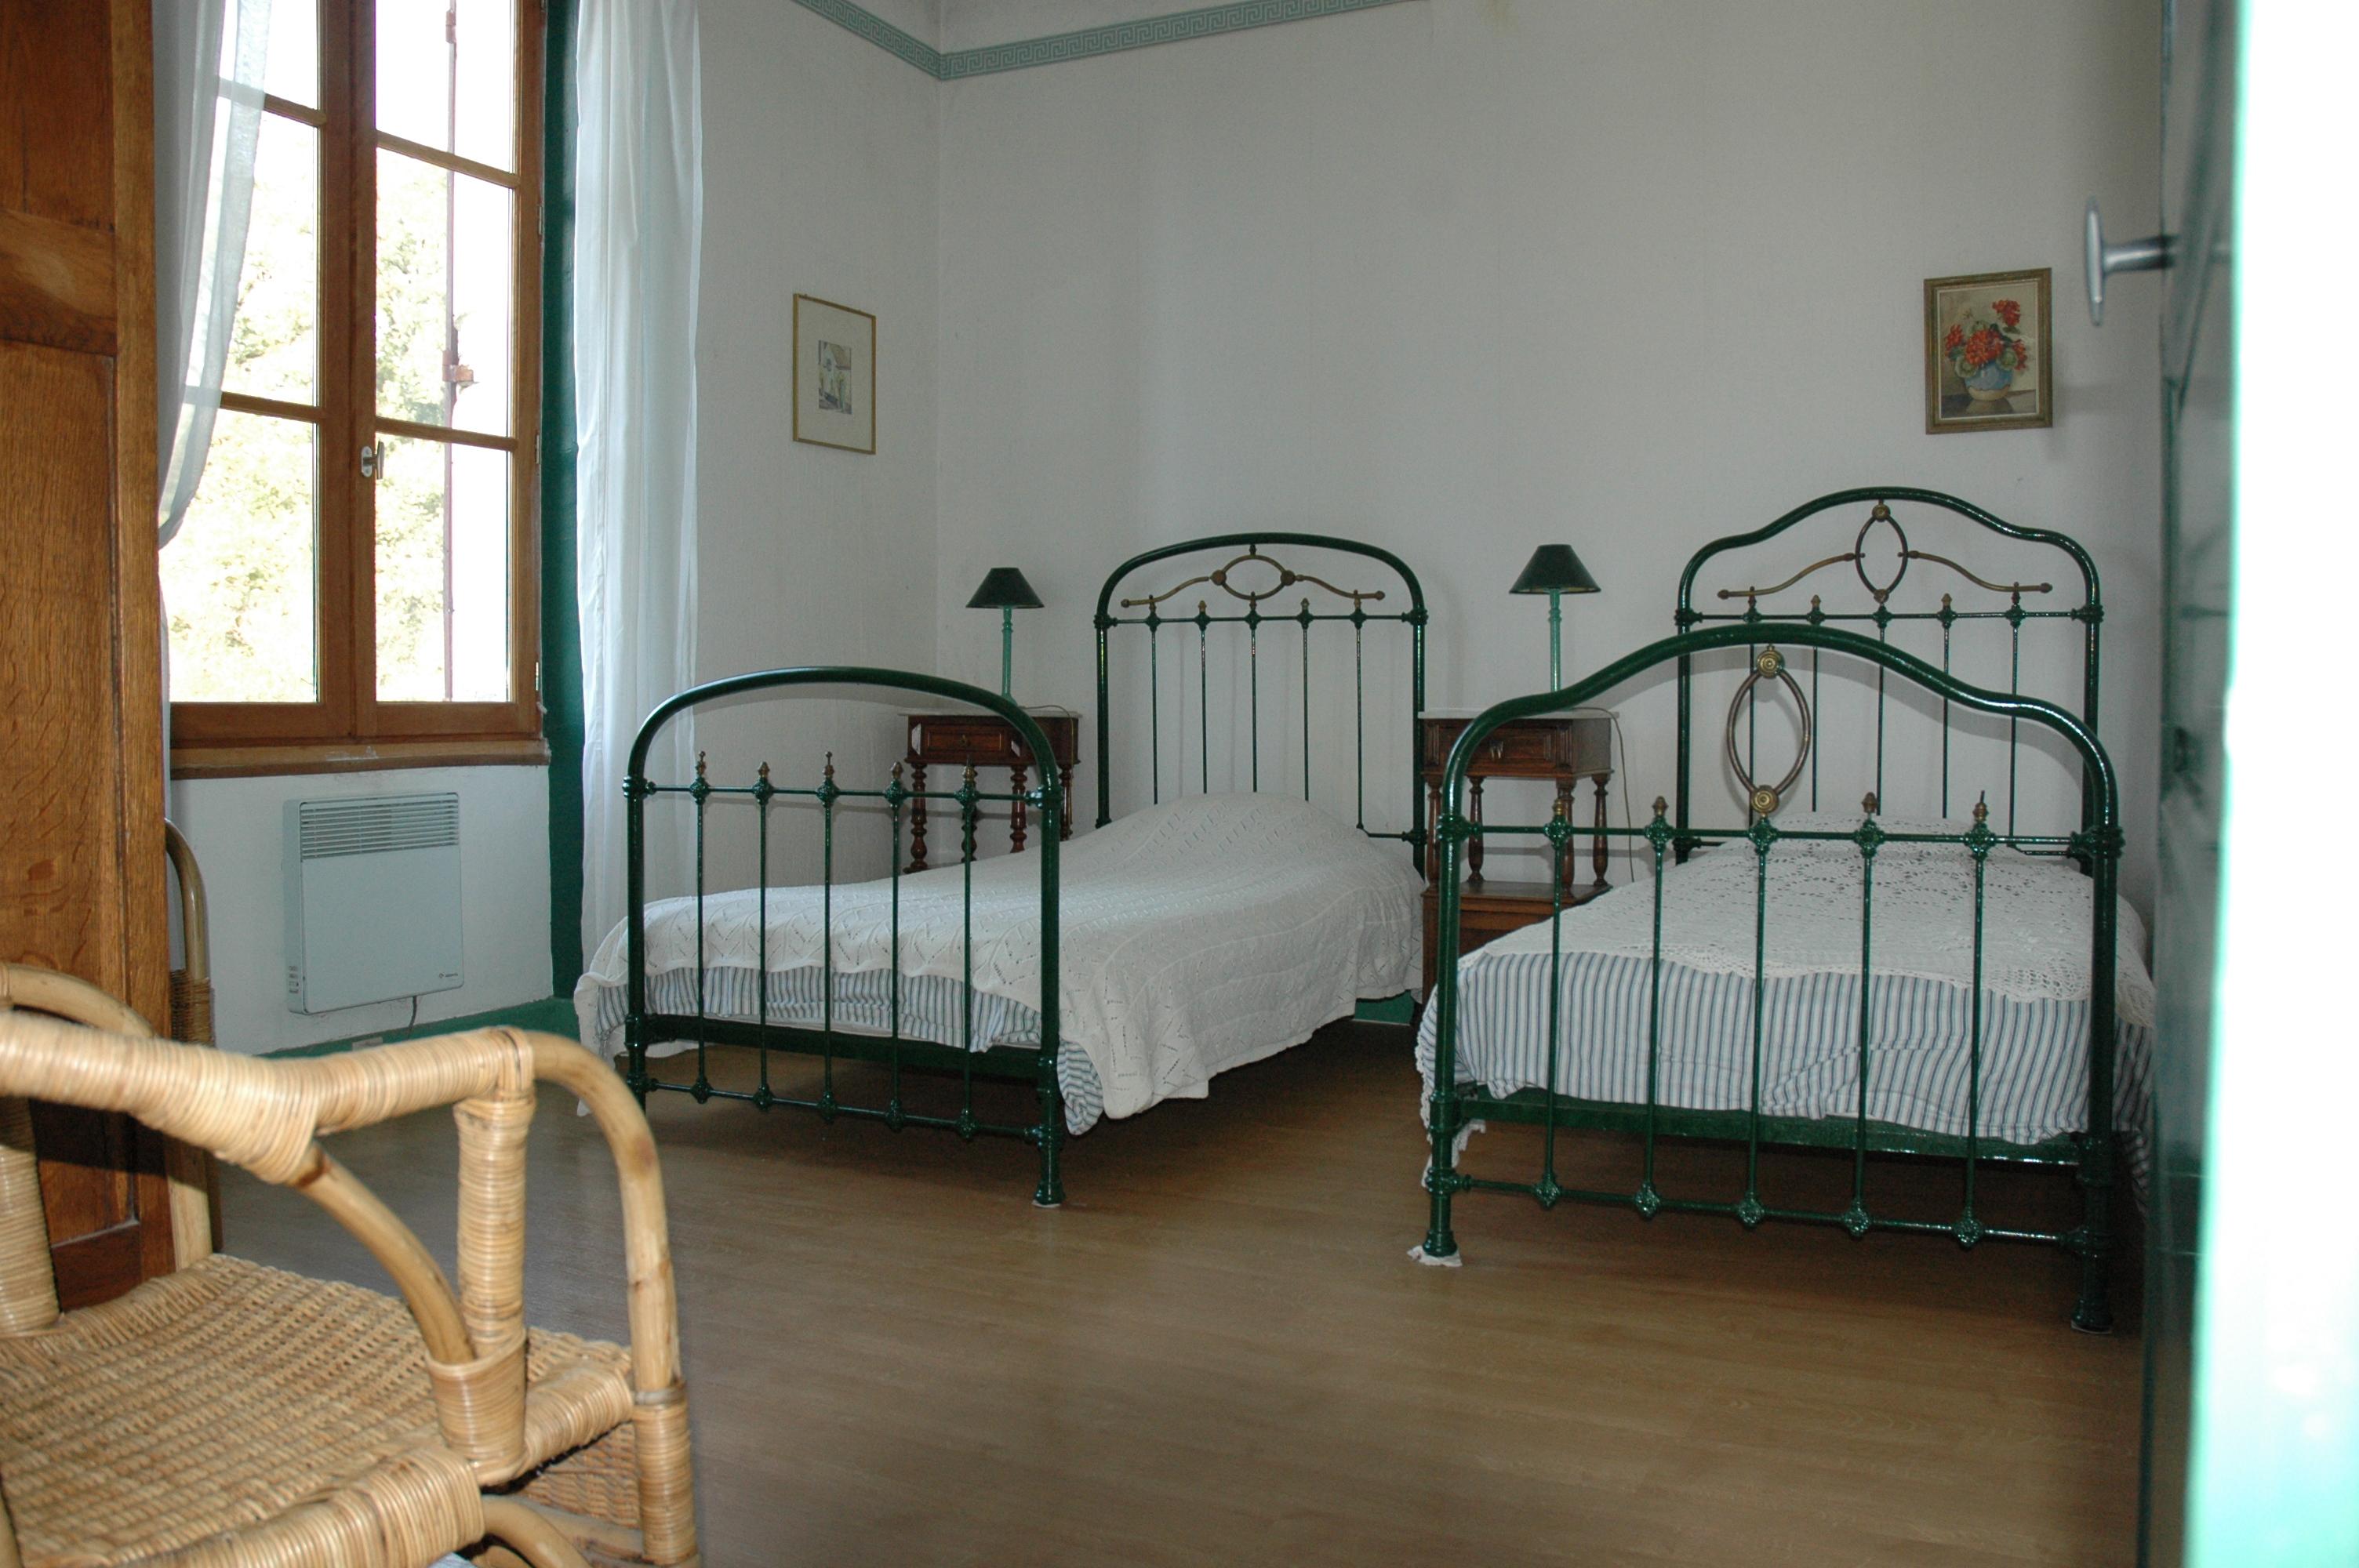 groene slaapkamer - Vakantiehuis Gare Blond-Berneuil in de Limousin ...